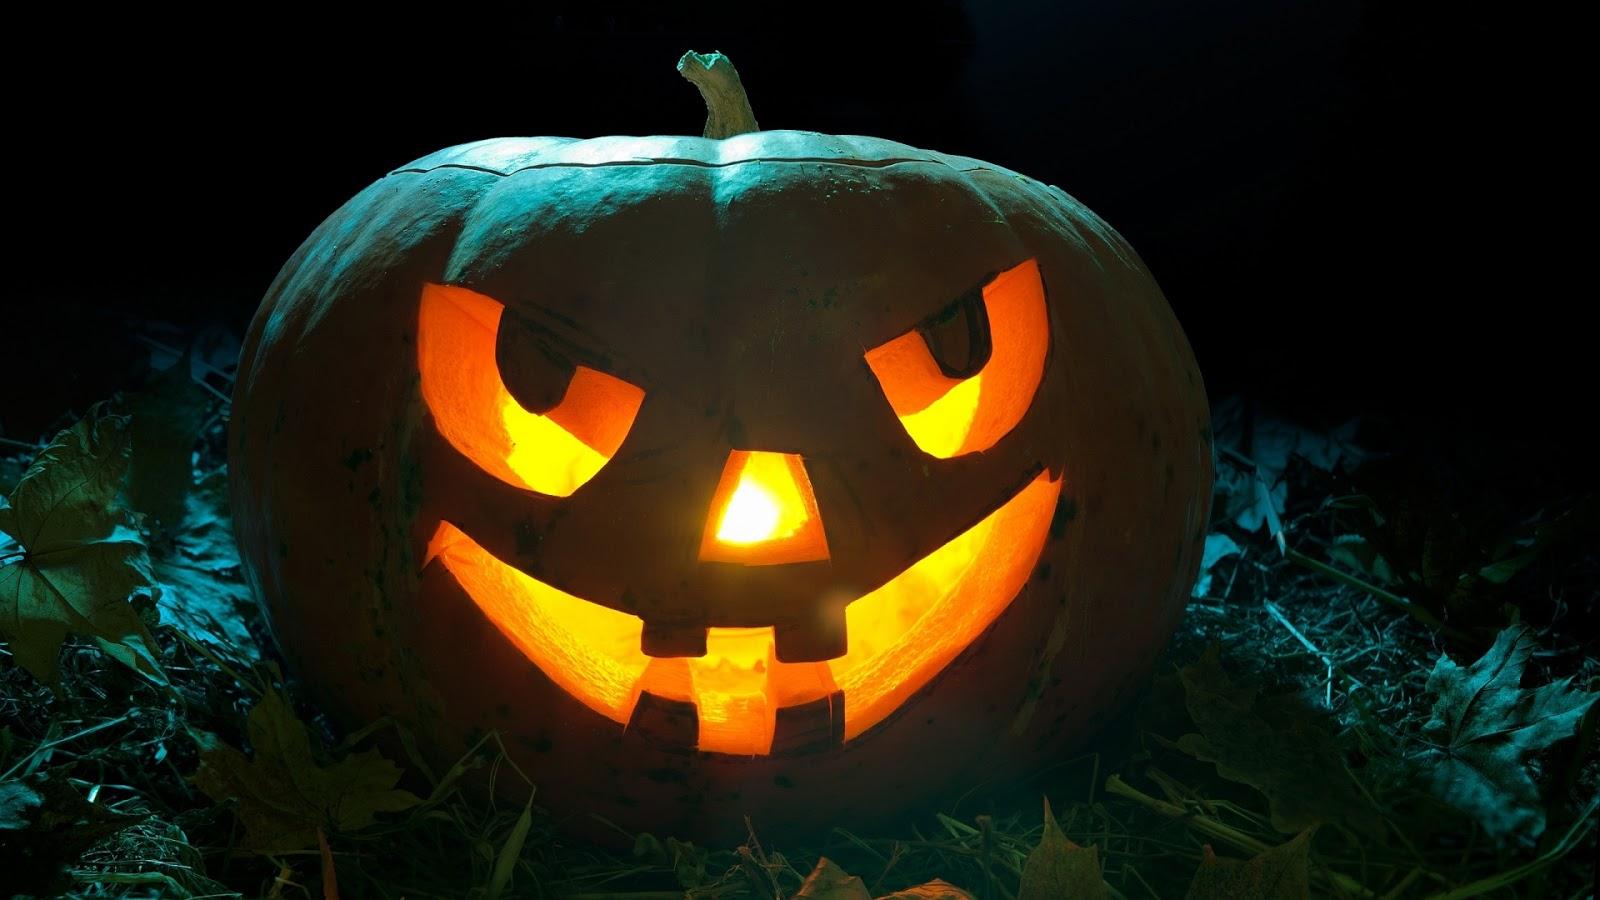 Design Home Game Online Halloween Pumpkin Mystery Wallpaper